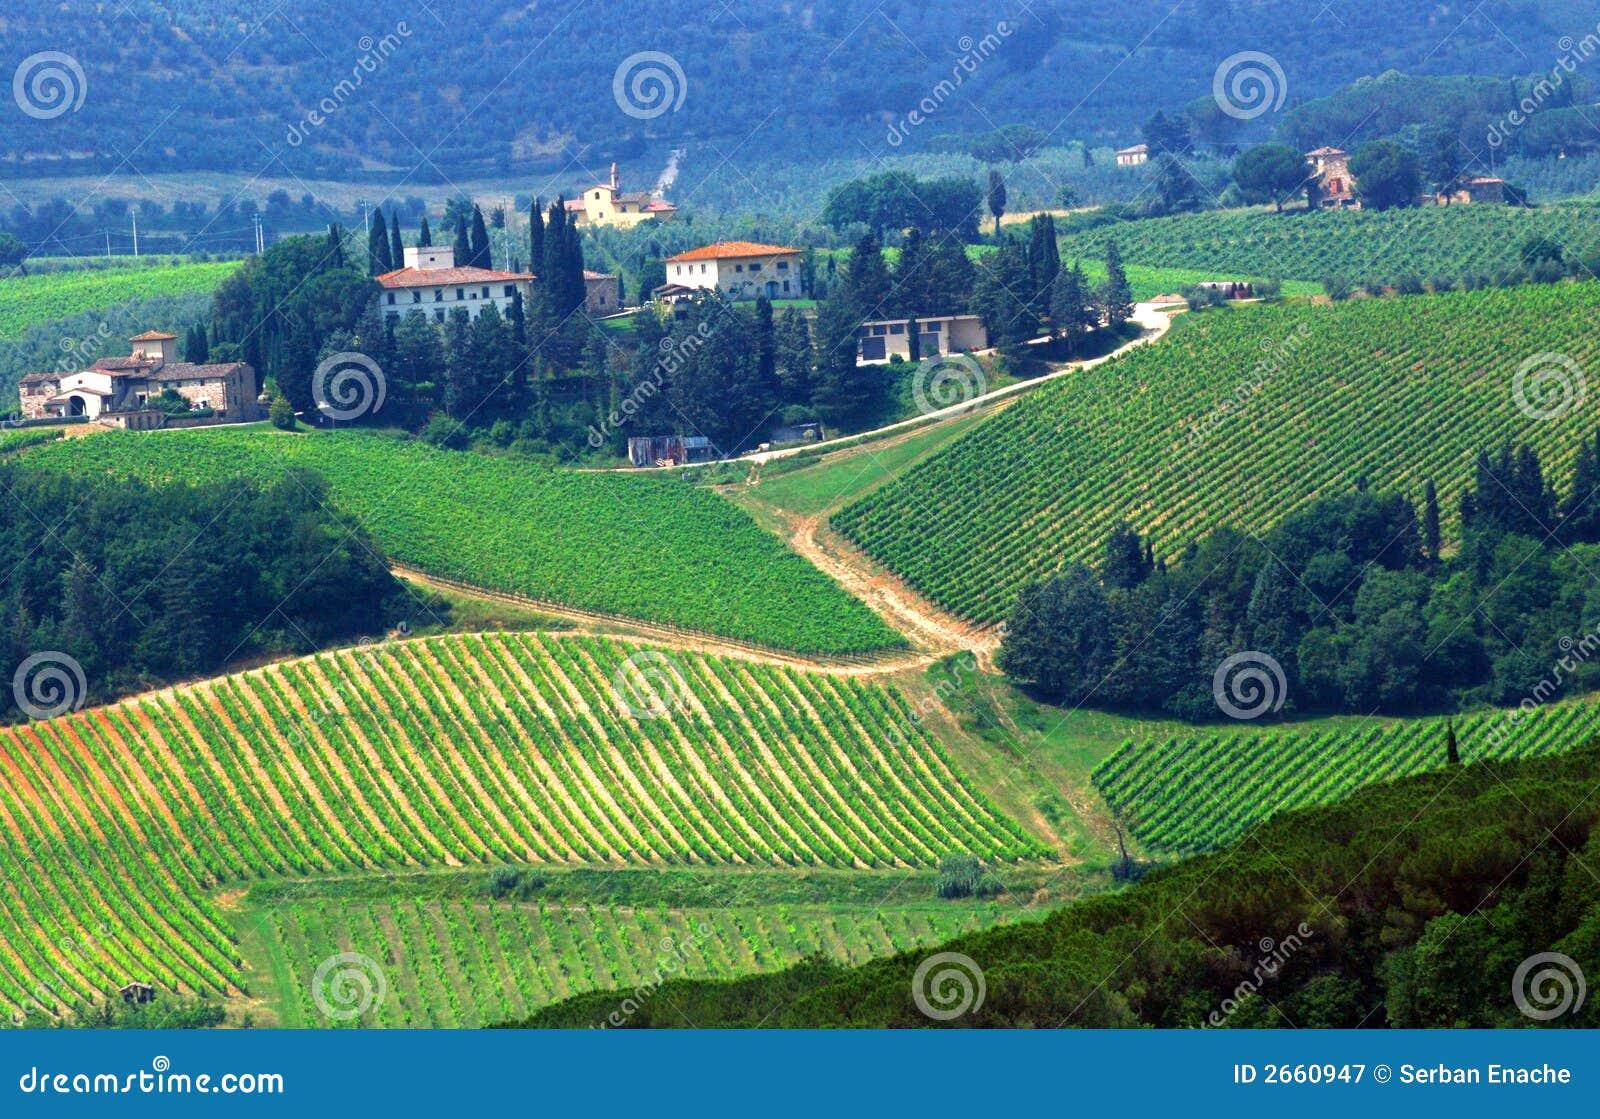 tuscany farmland royalty free stock photography